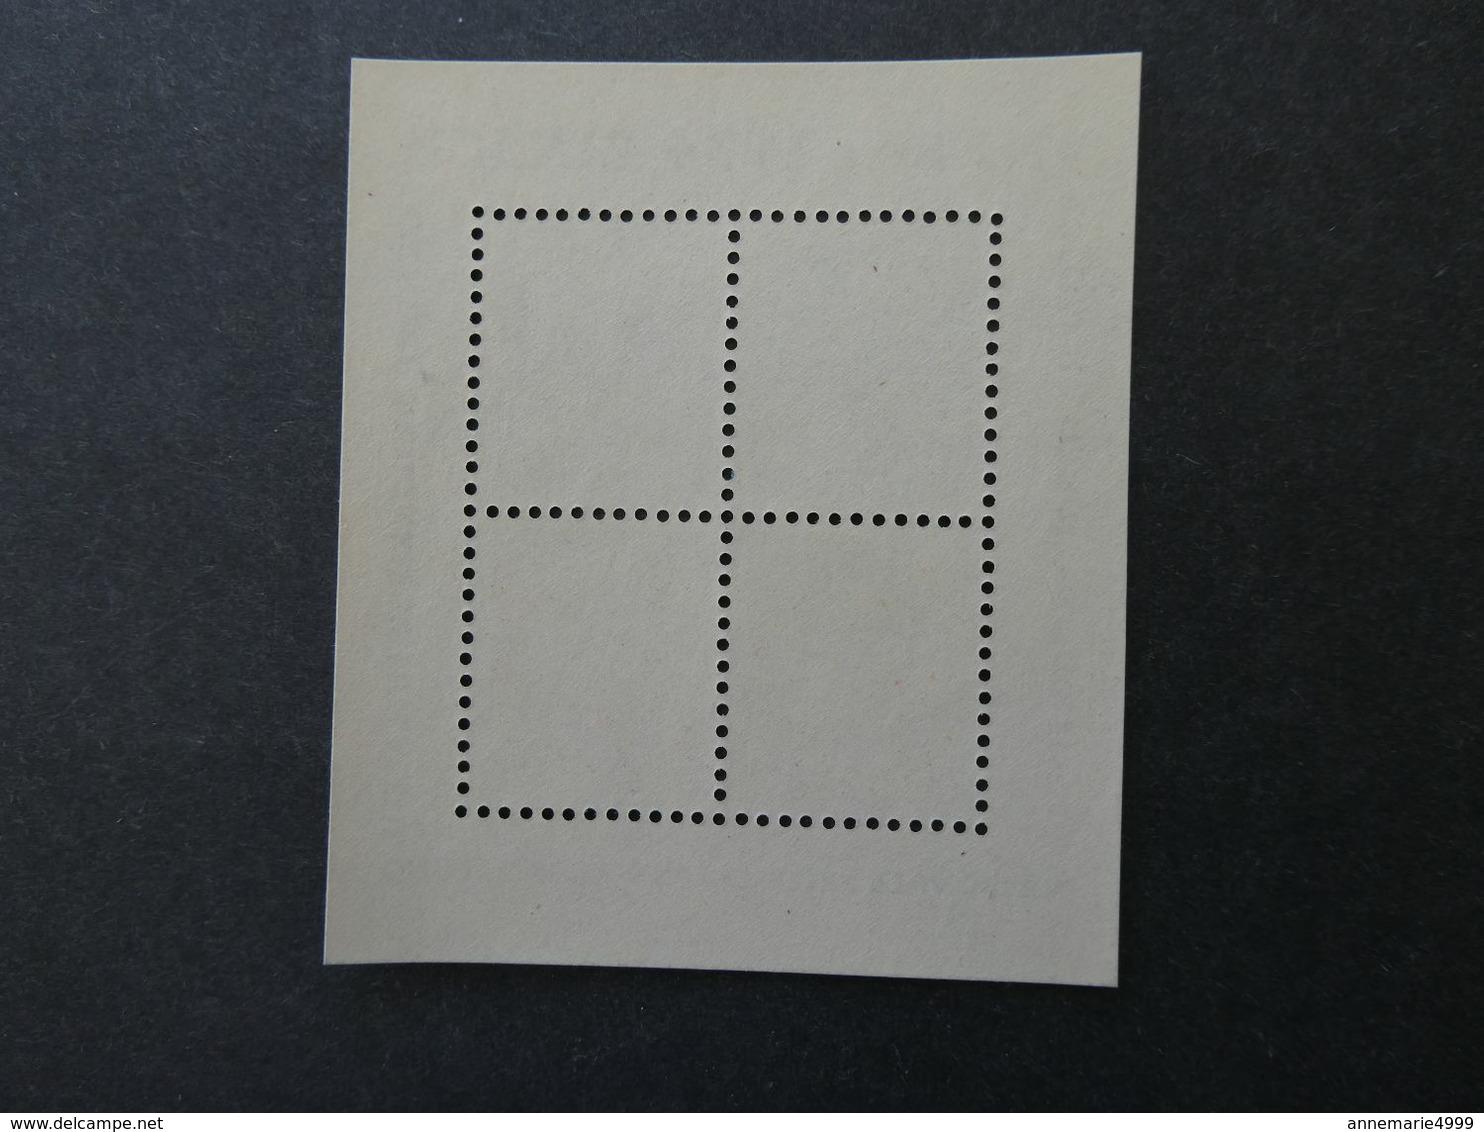 SUISSE Bloc Feuillet N° 1 Naba Zurich 1934  Neuf Sans Charnière MNH Cote 850 € - Blocks & Sheetlets & Panes